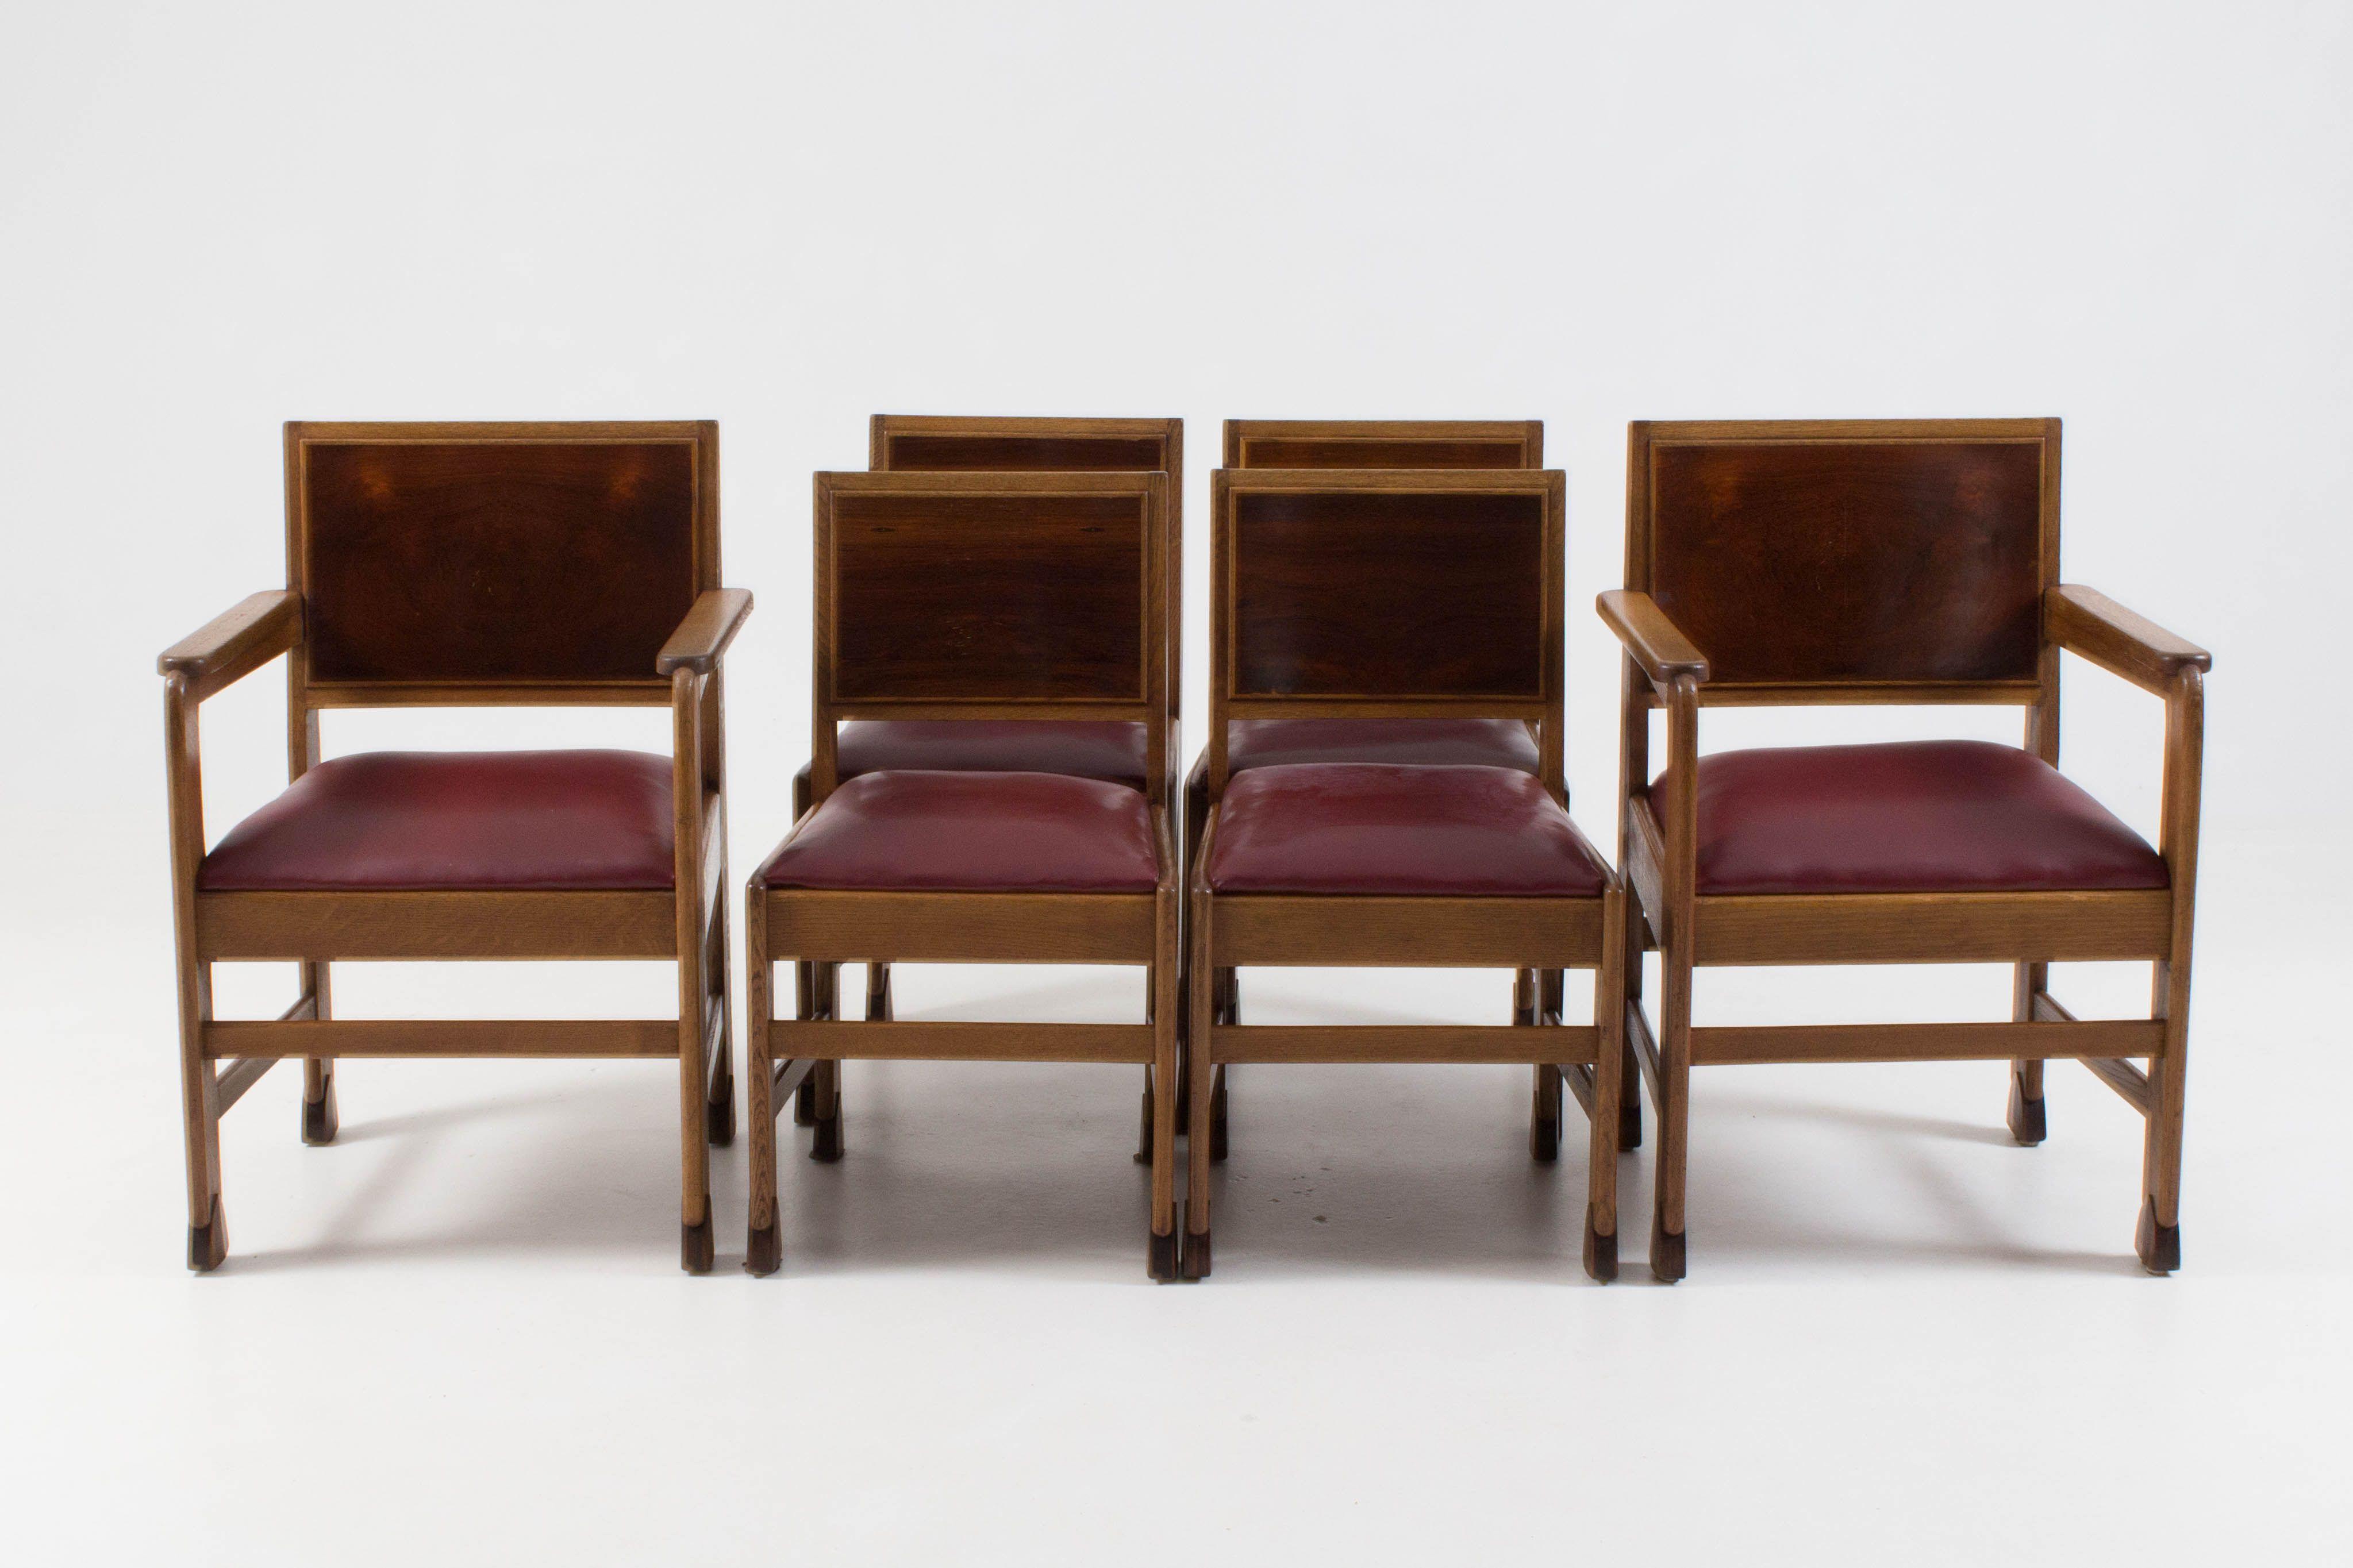 Super Prachtige set van zes Amsterdamse School stoelen (met afbeeldingen UL-79